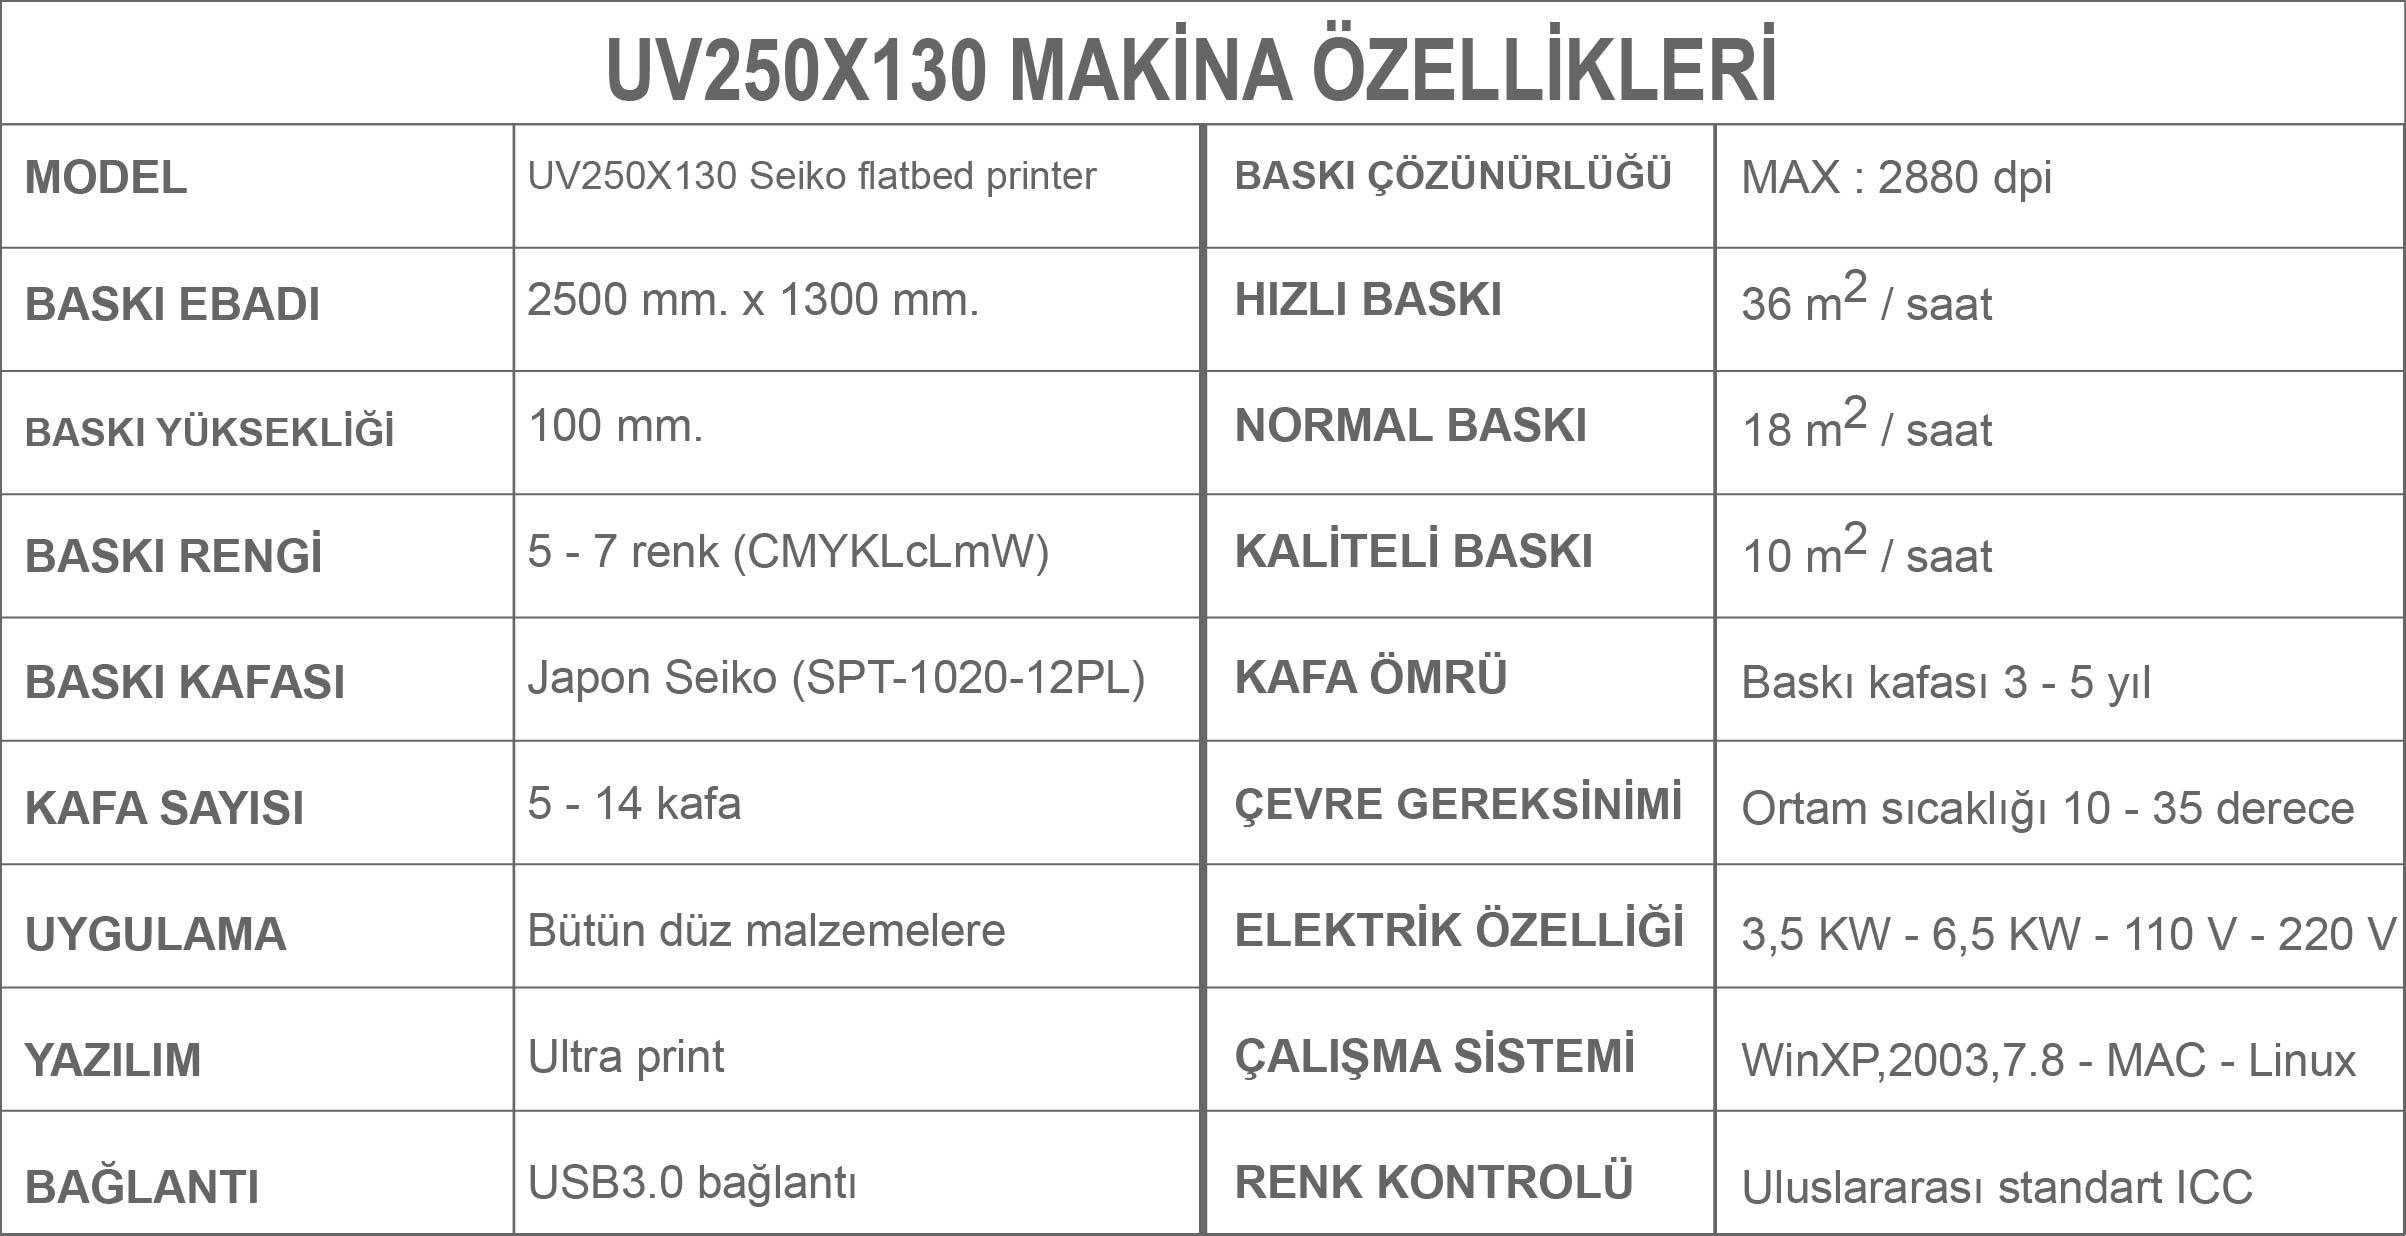 UV250X130 BASKI MAKİNA